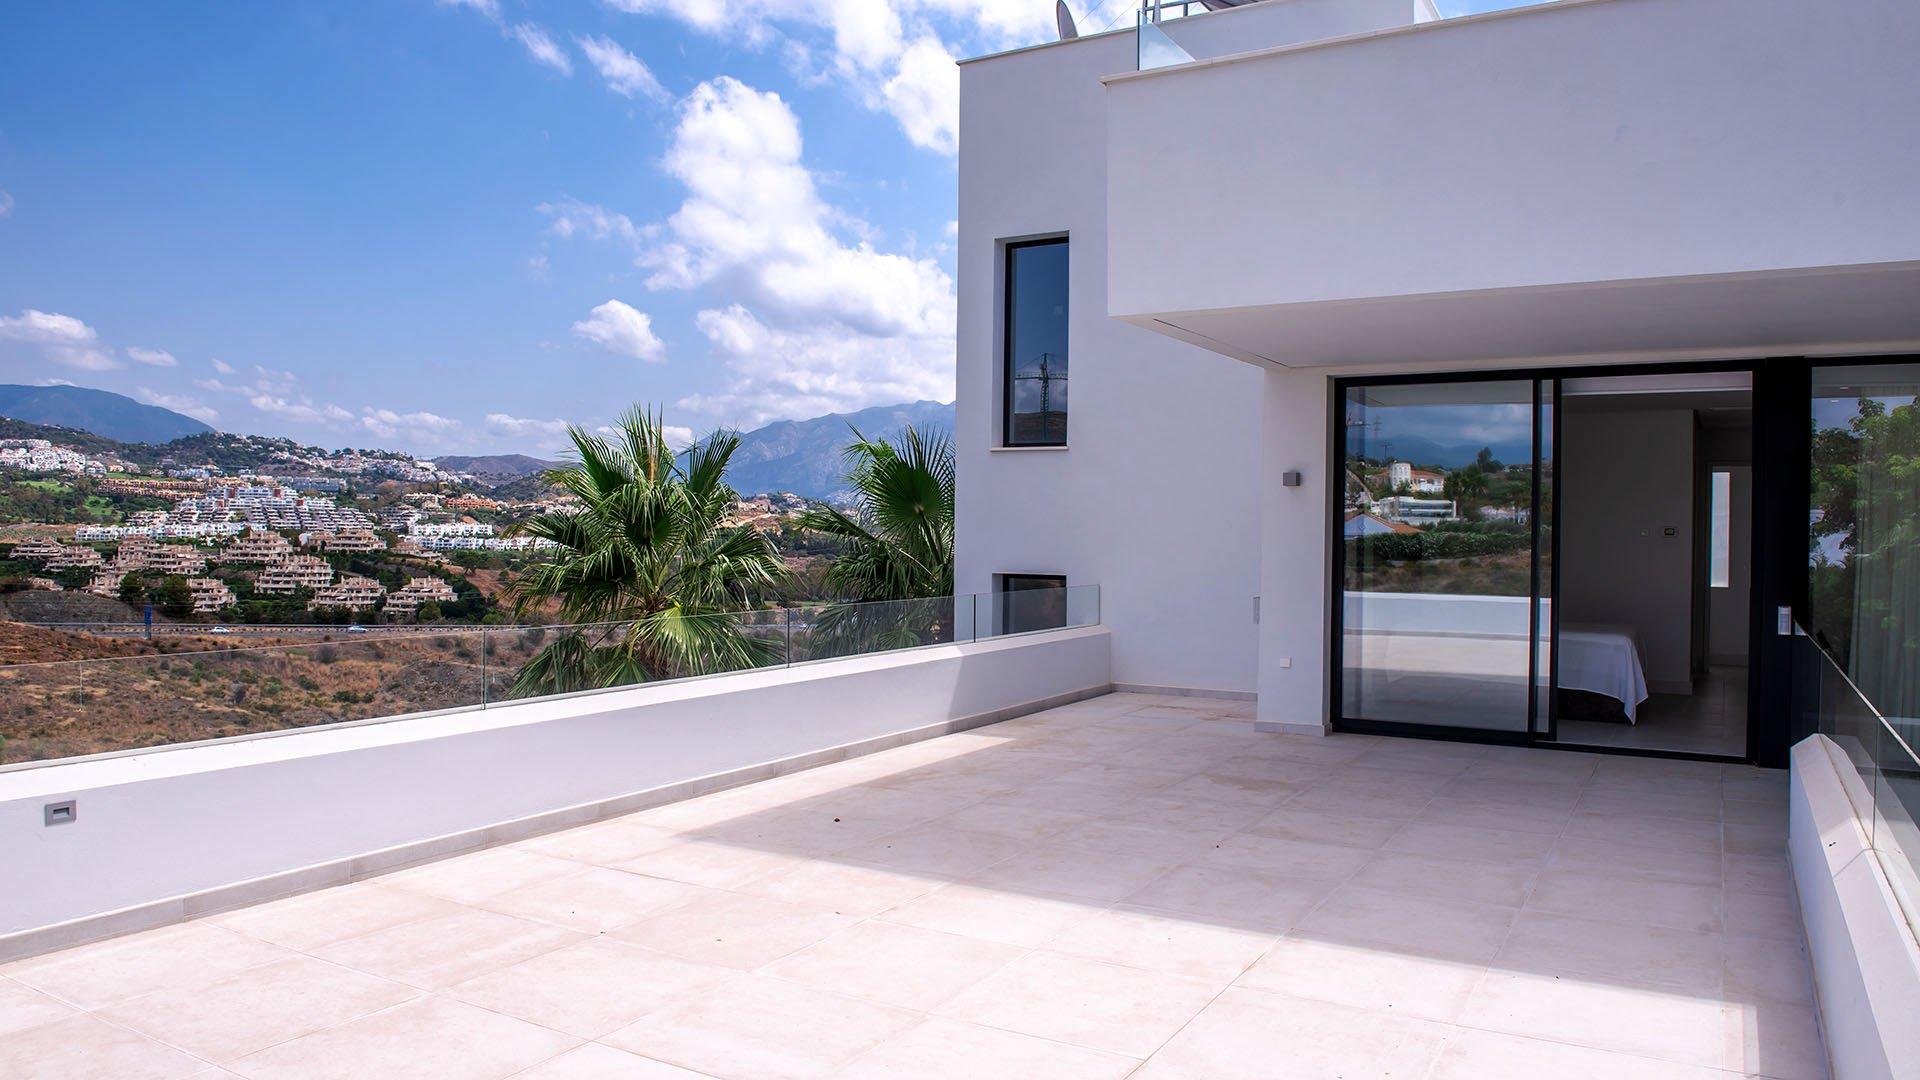 Mirabella Hills: Verborgen schatten in het hart van de Costa del Sol